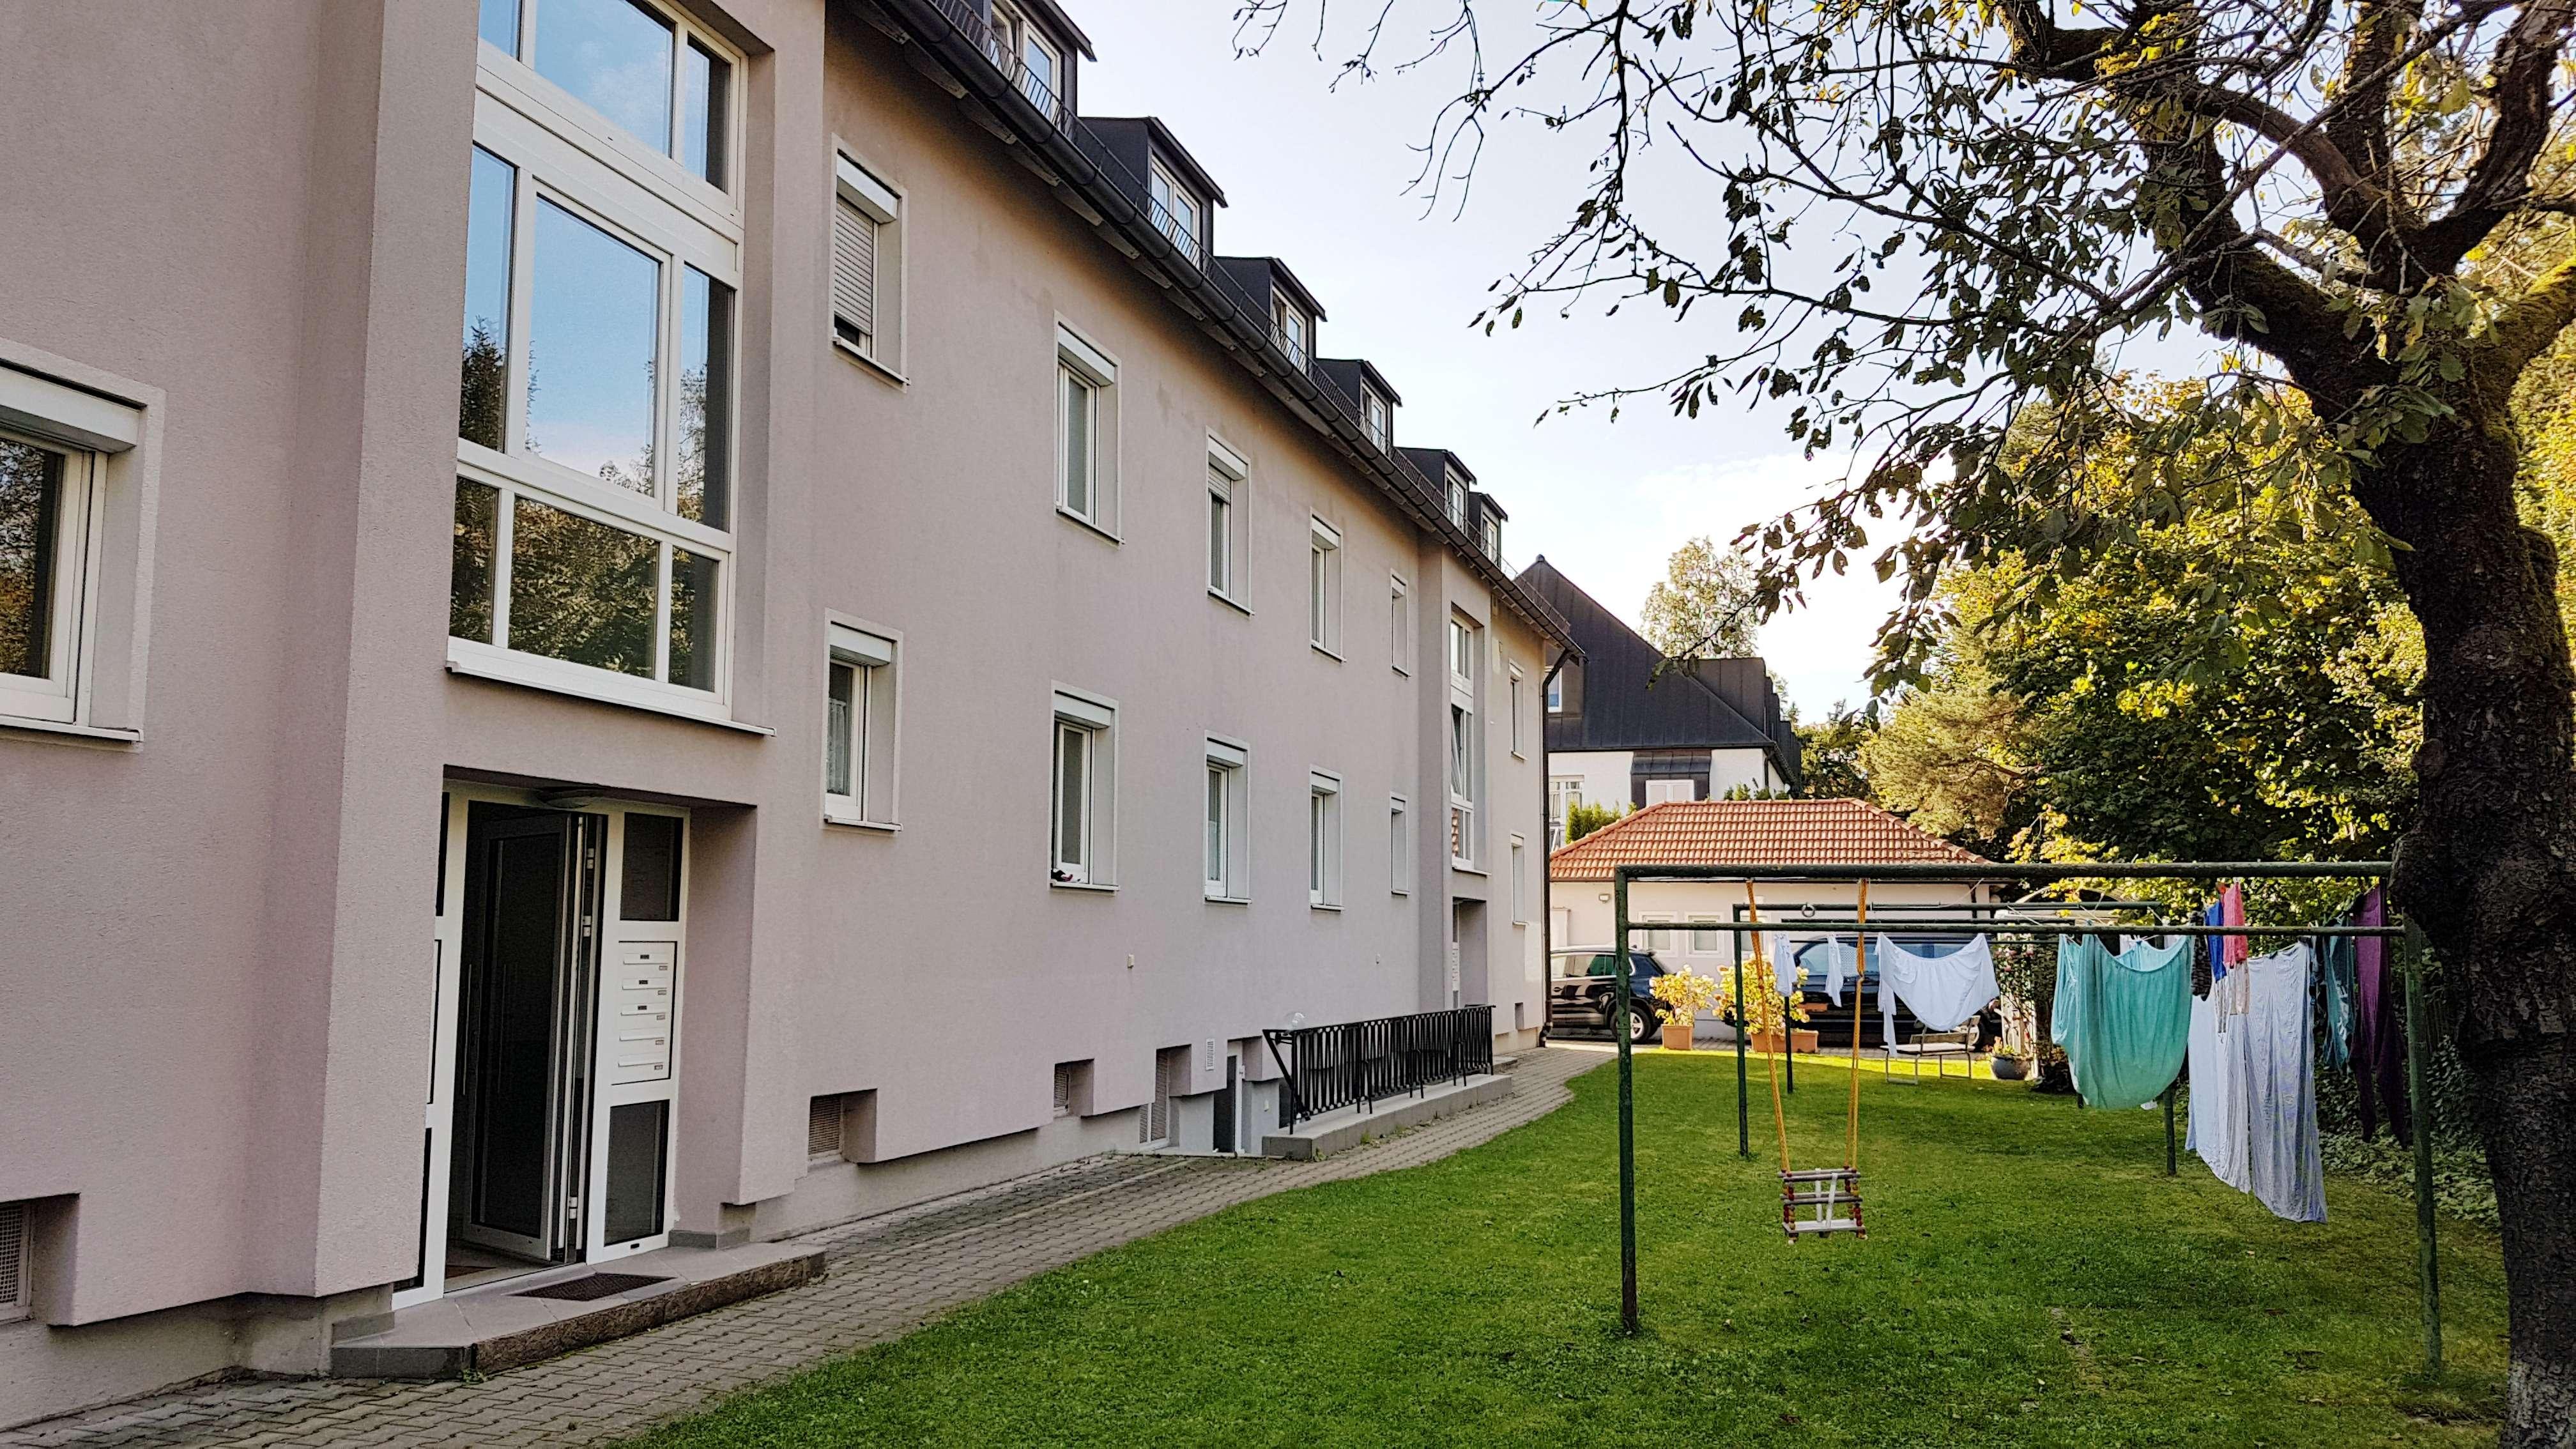 Ruhige Zweizimmerwohnung mit Hobbyraum nahe S-Bahn Pasing in Obermenzing (München)